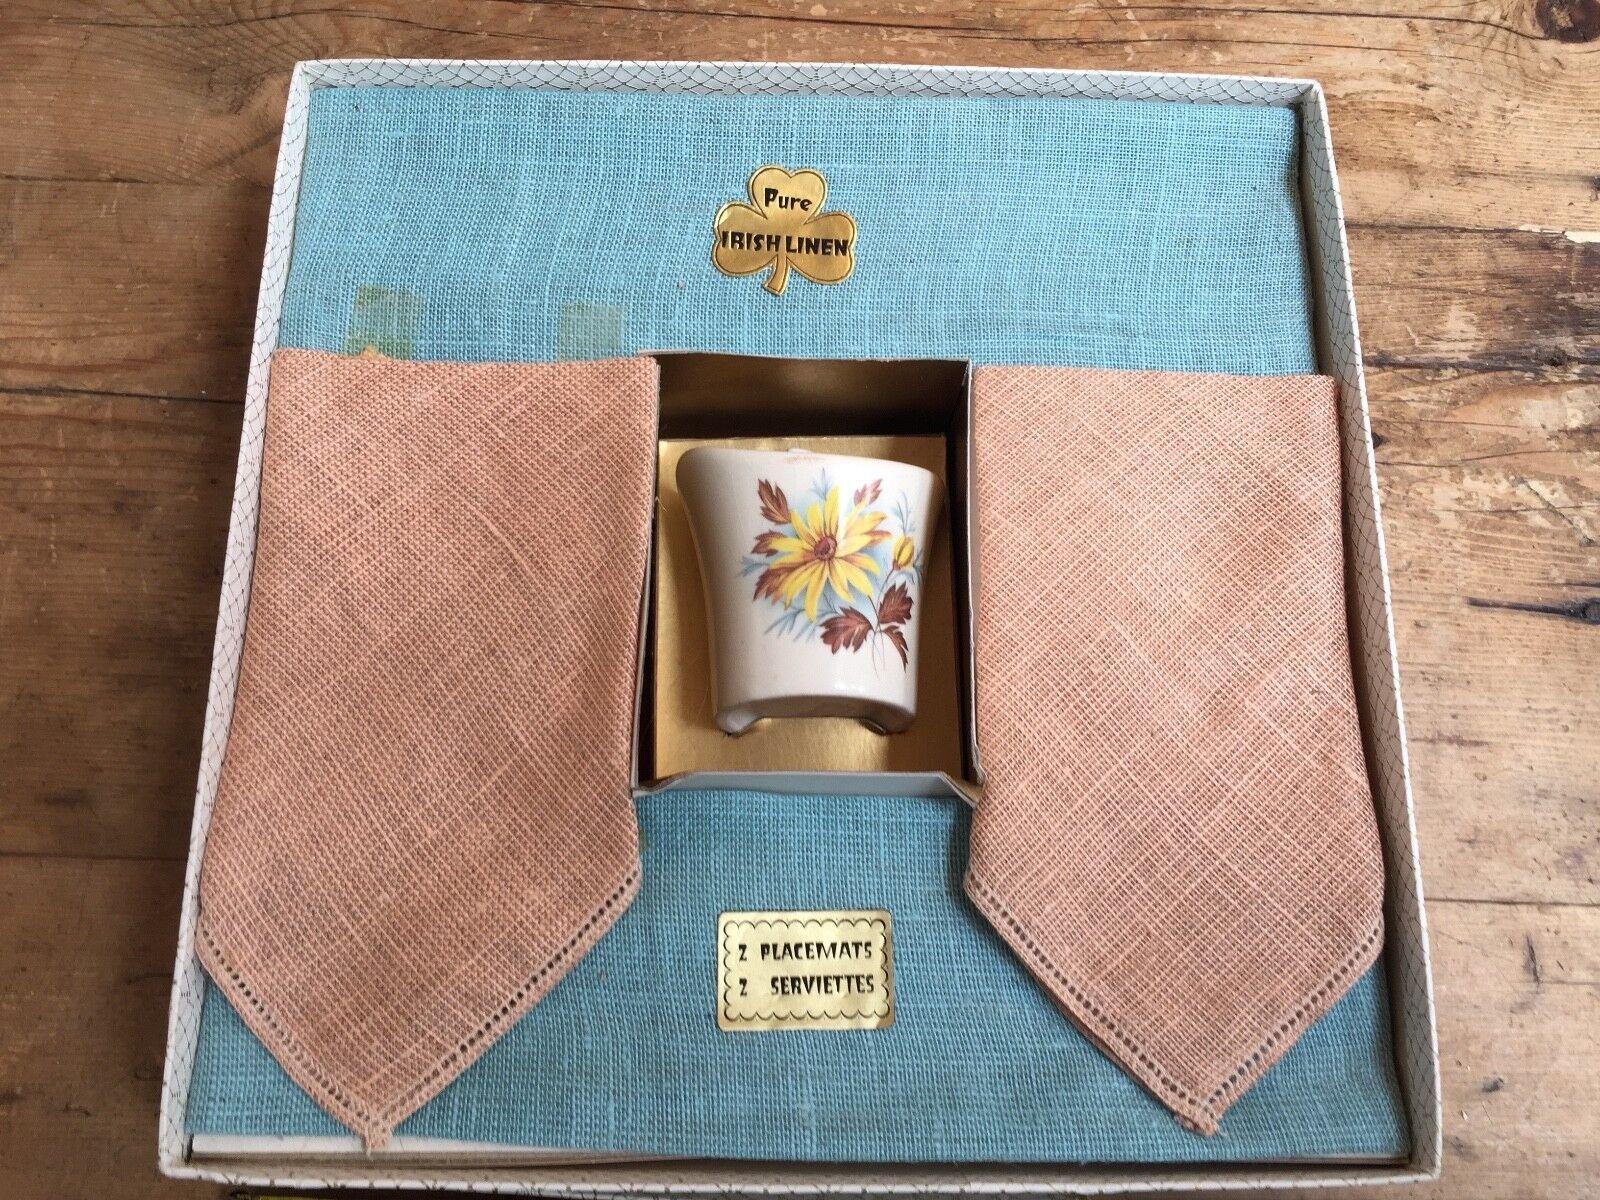 VINTAGE Nuovo con Scatola puro lino irlandese Tè Set 2 tovagliette 2 TOVAGLIOLI + tazza in ceramica